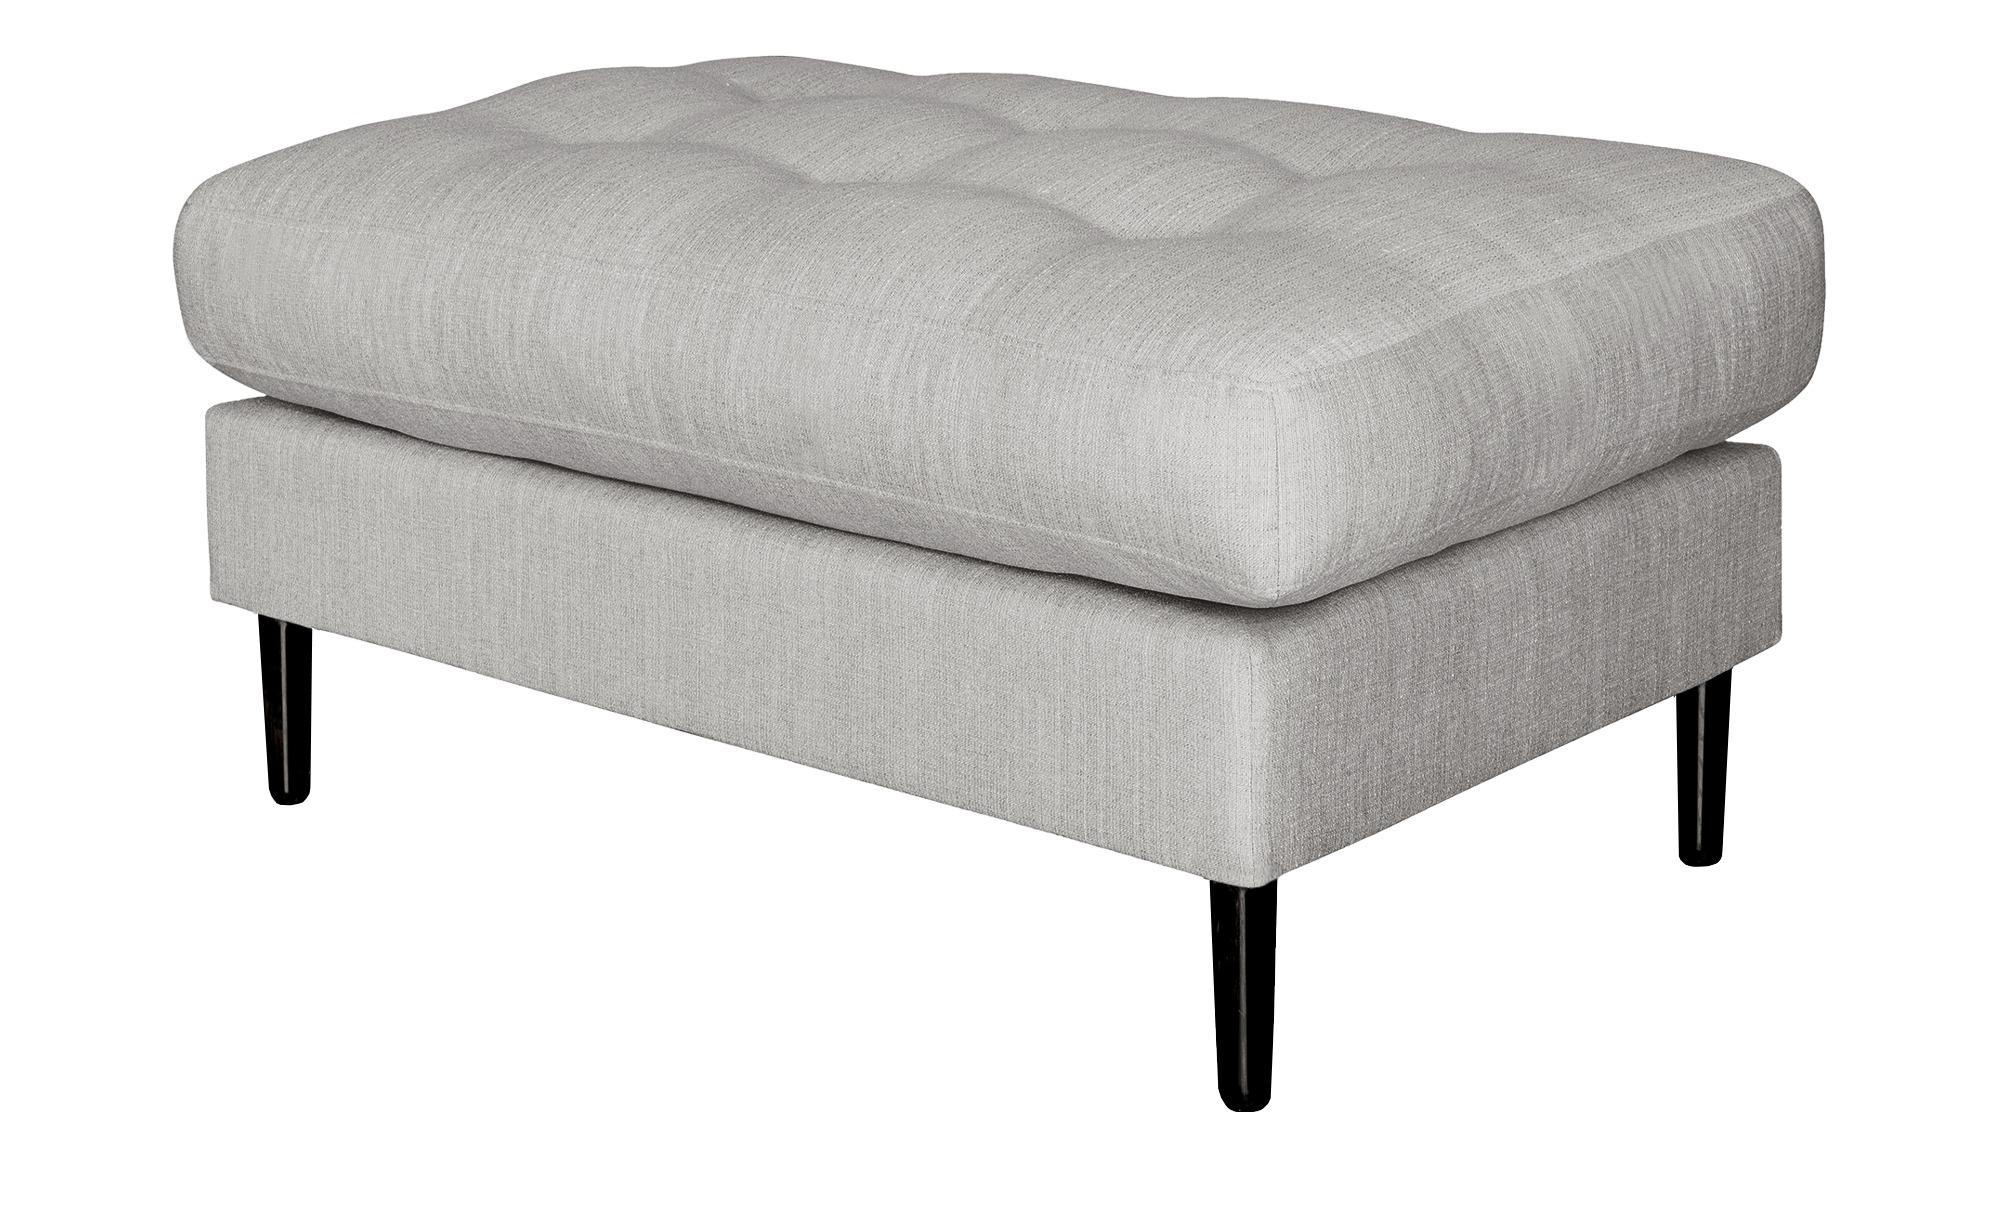 Sitzhocker online kaufen | Möbel Suchmaschine |